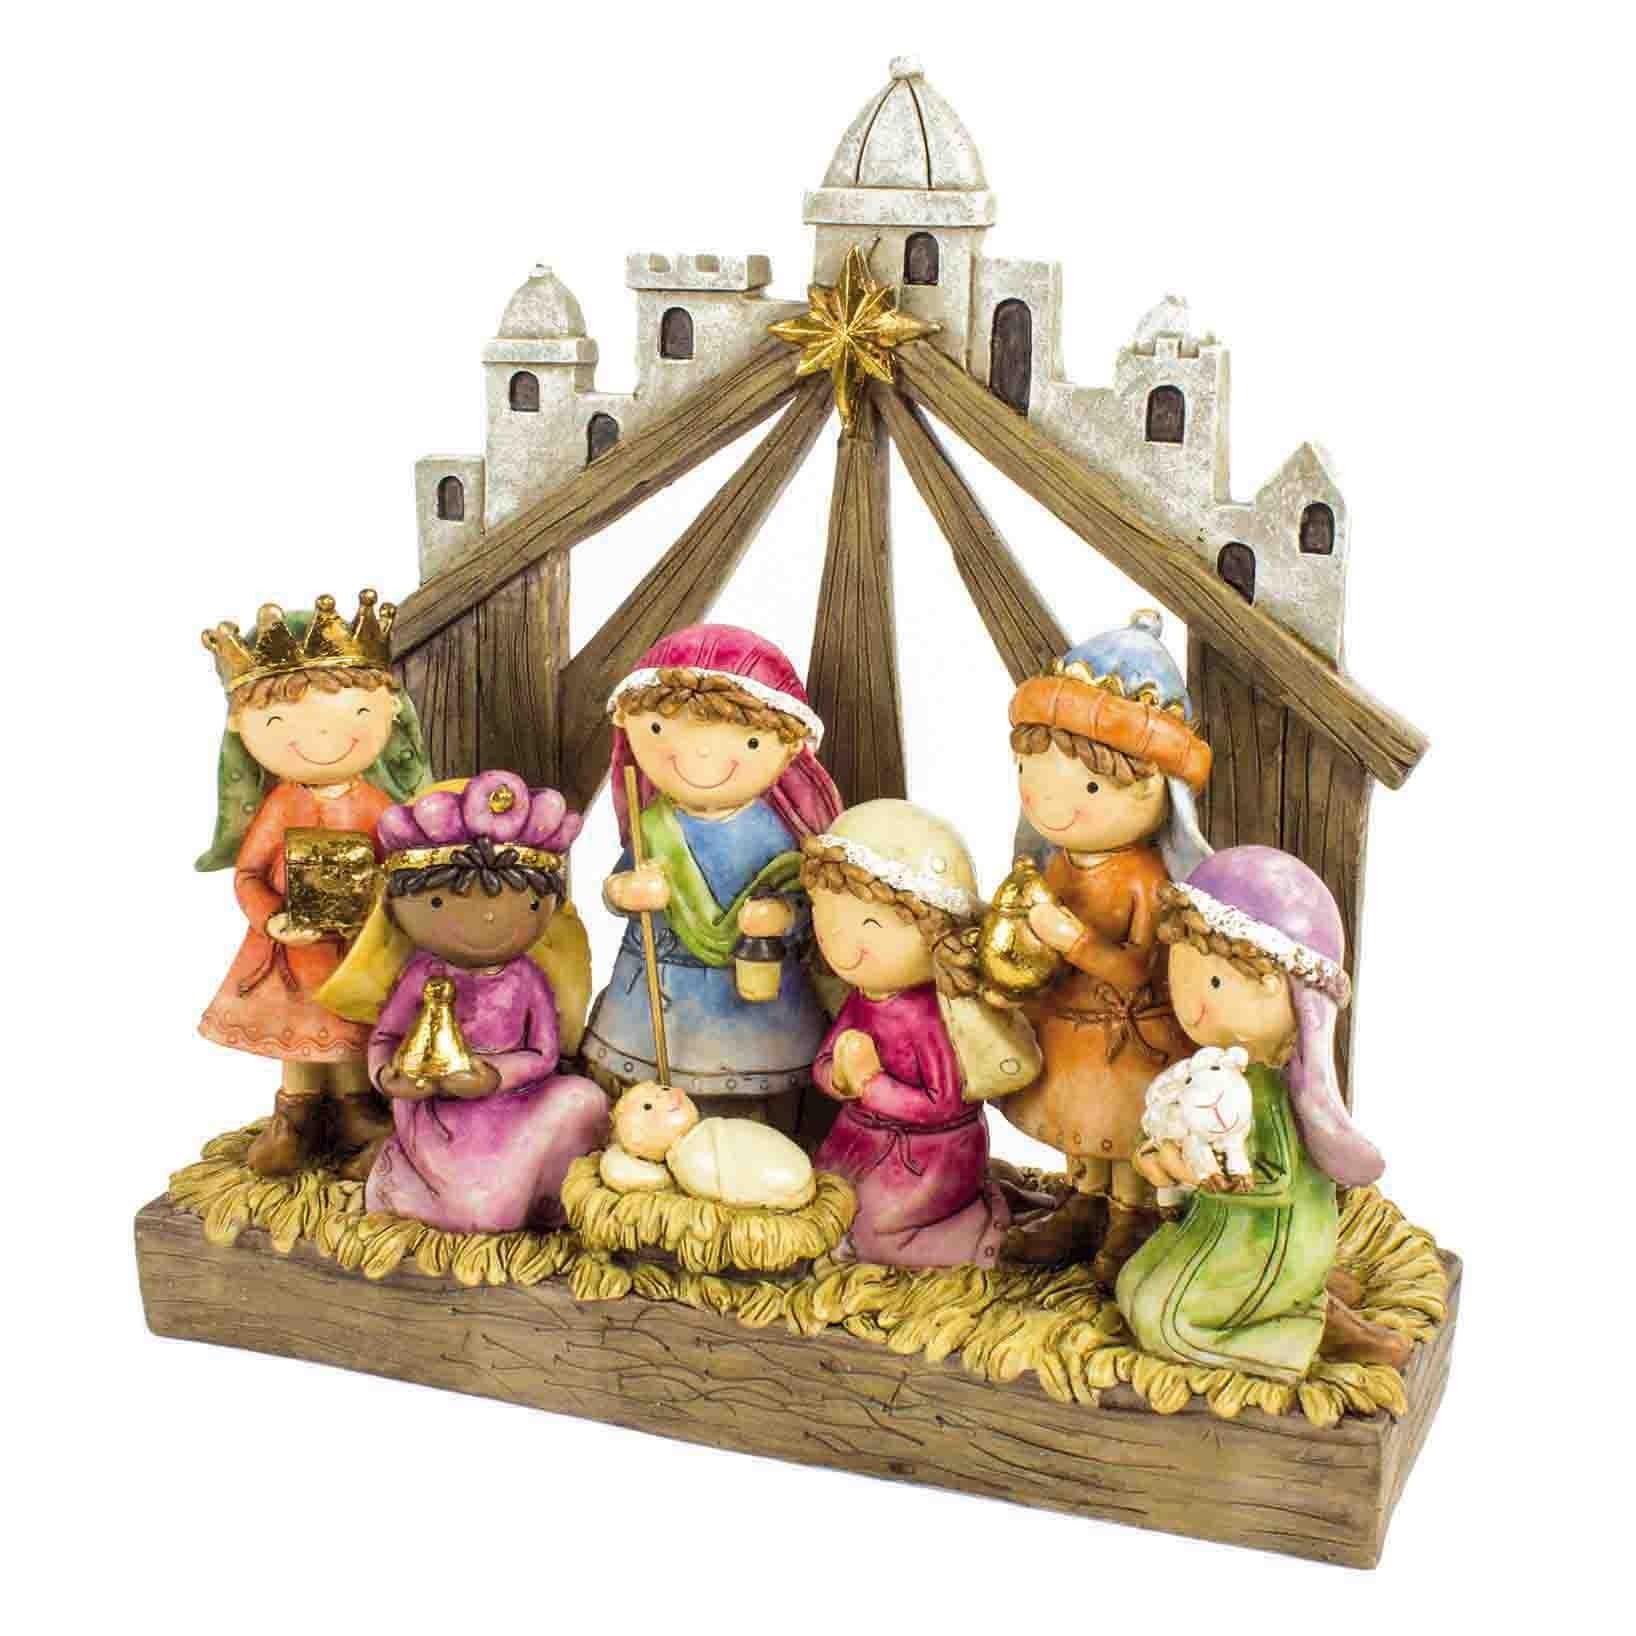 Resin Nativity Scene Dec